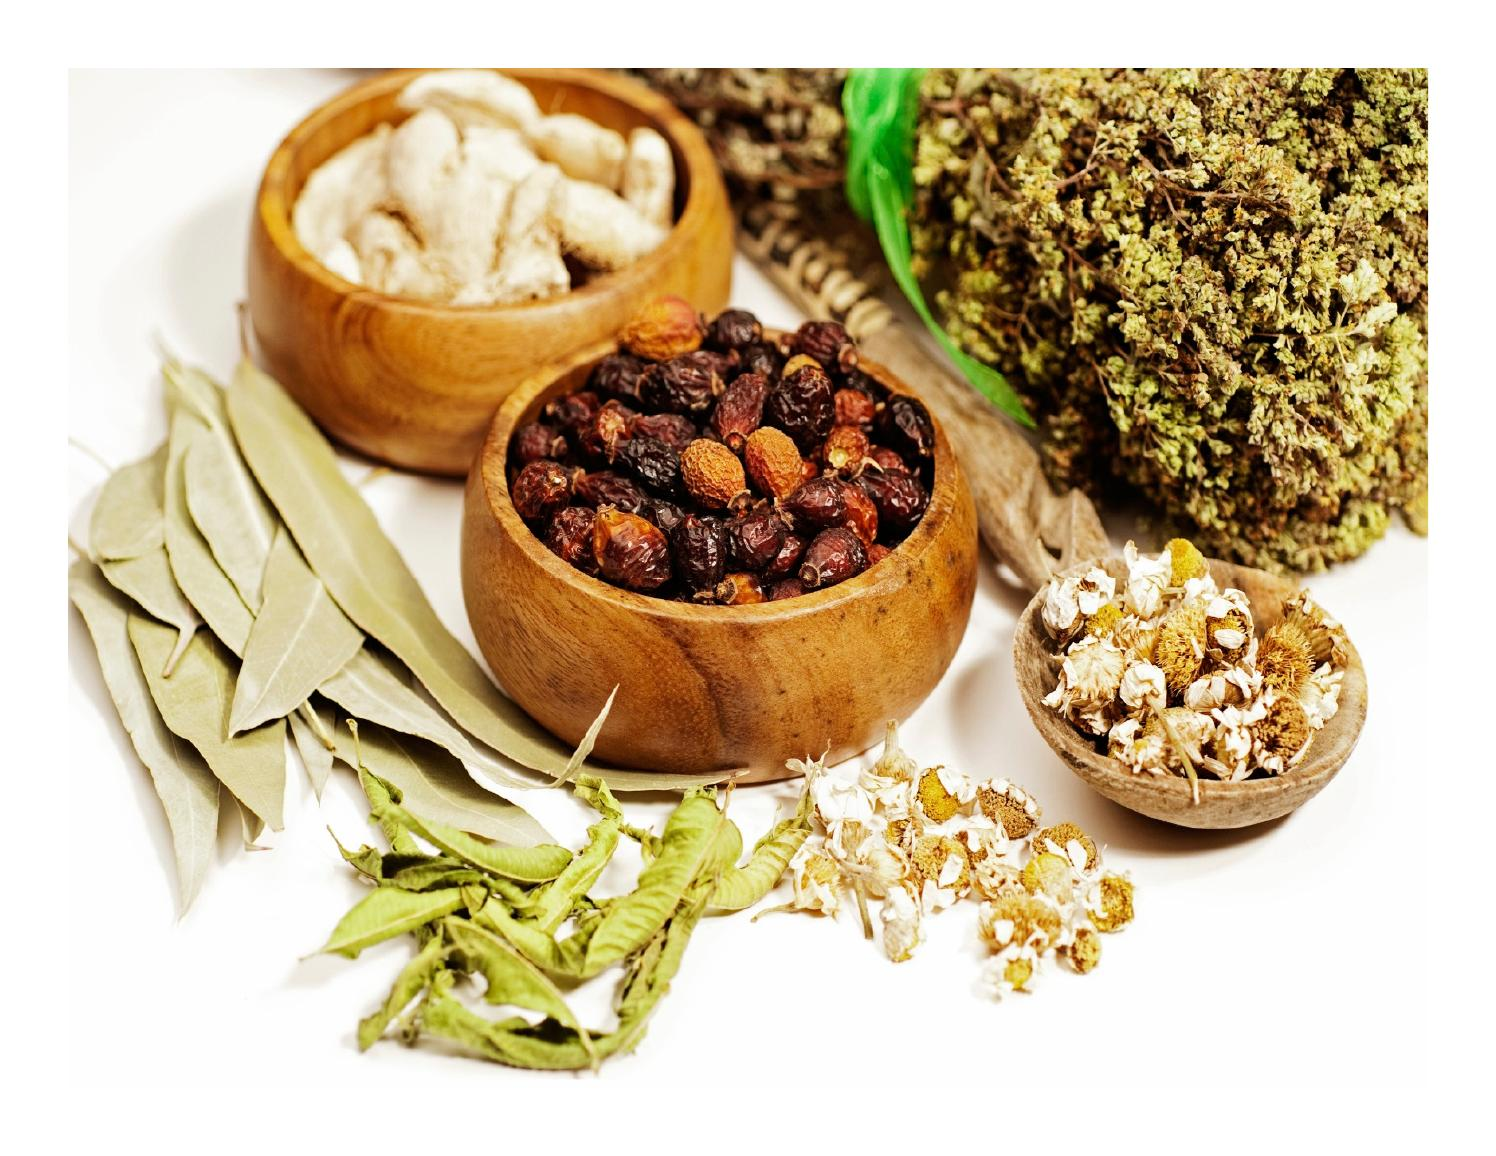 Средств анародной медицины для похудения